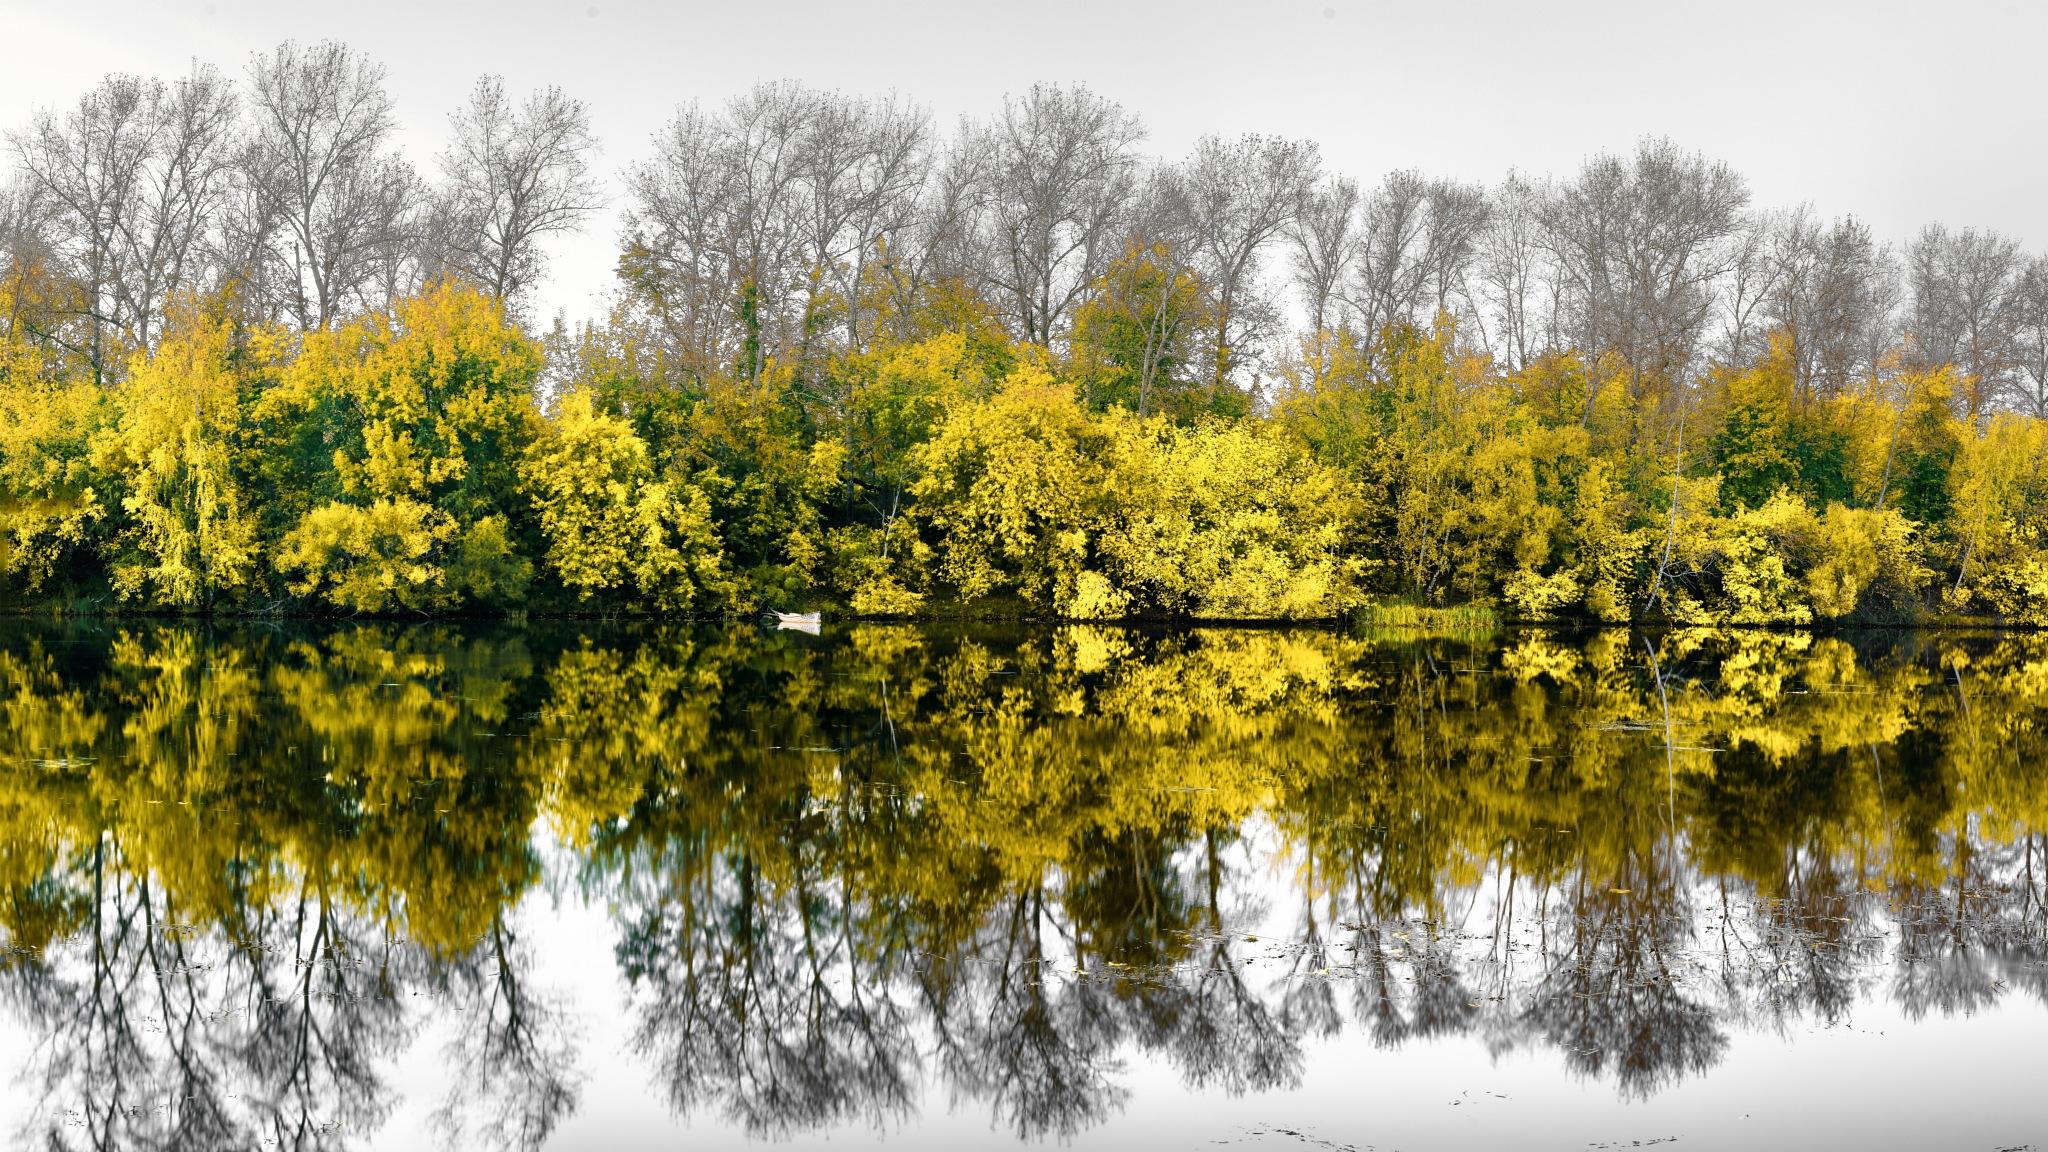 Autumn mirror by Roman Alyabev